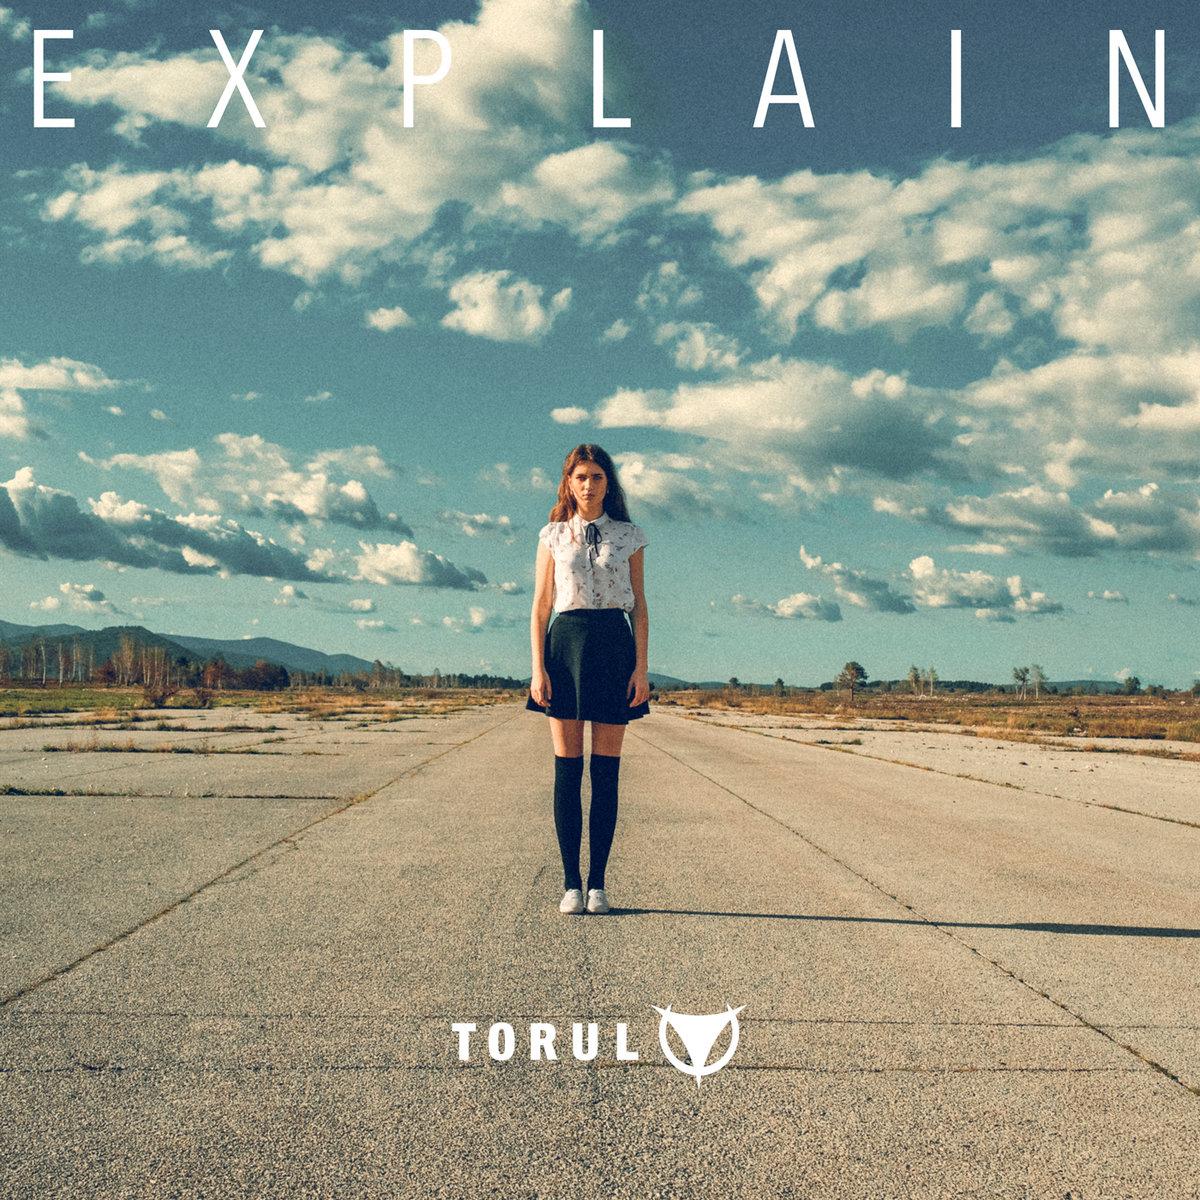 Torul - Explain - Torul - Explain